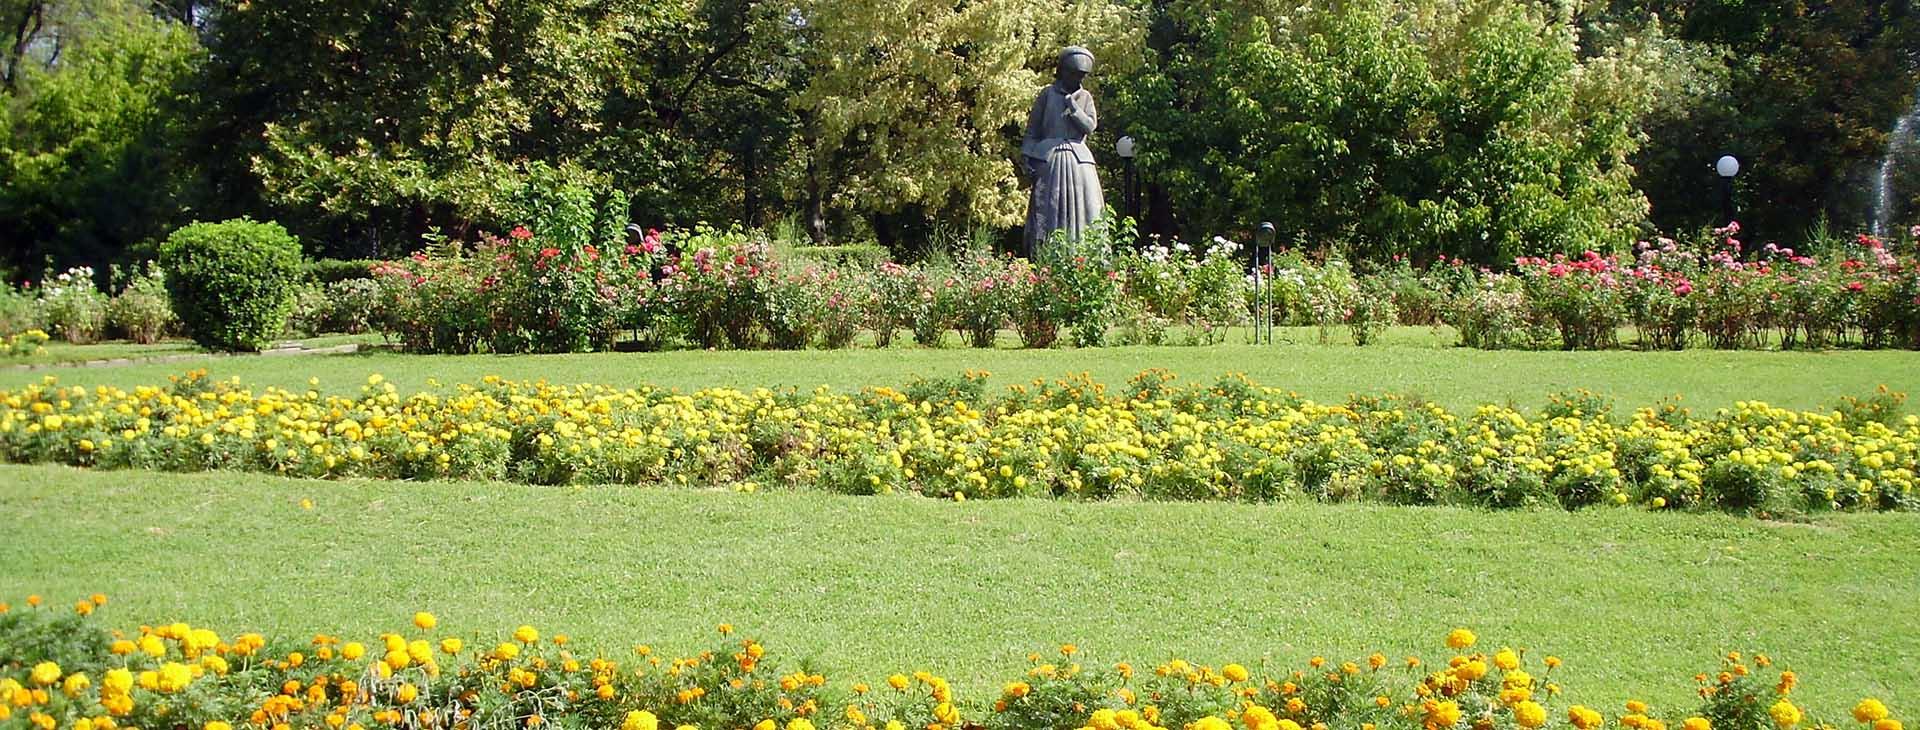 Paysilypo Park, Karditsa town